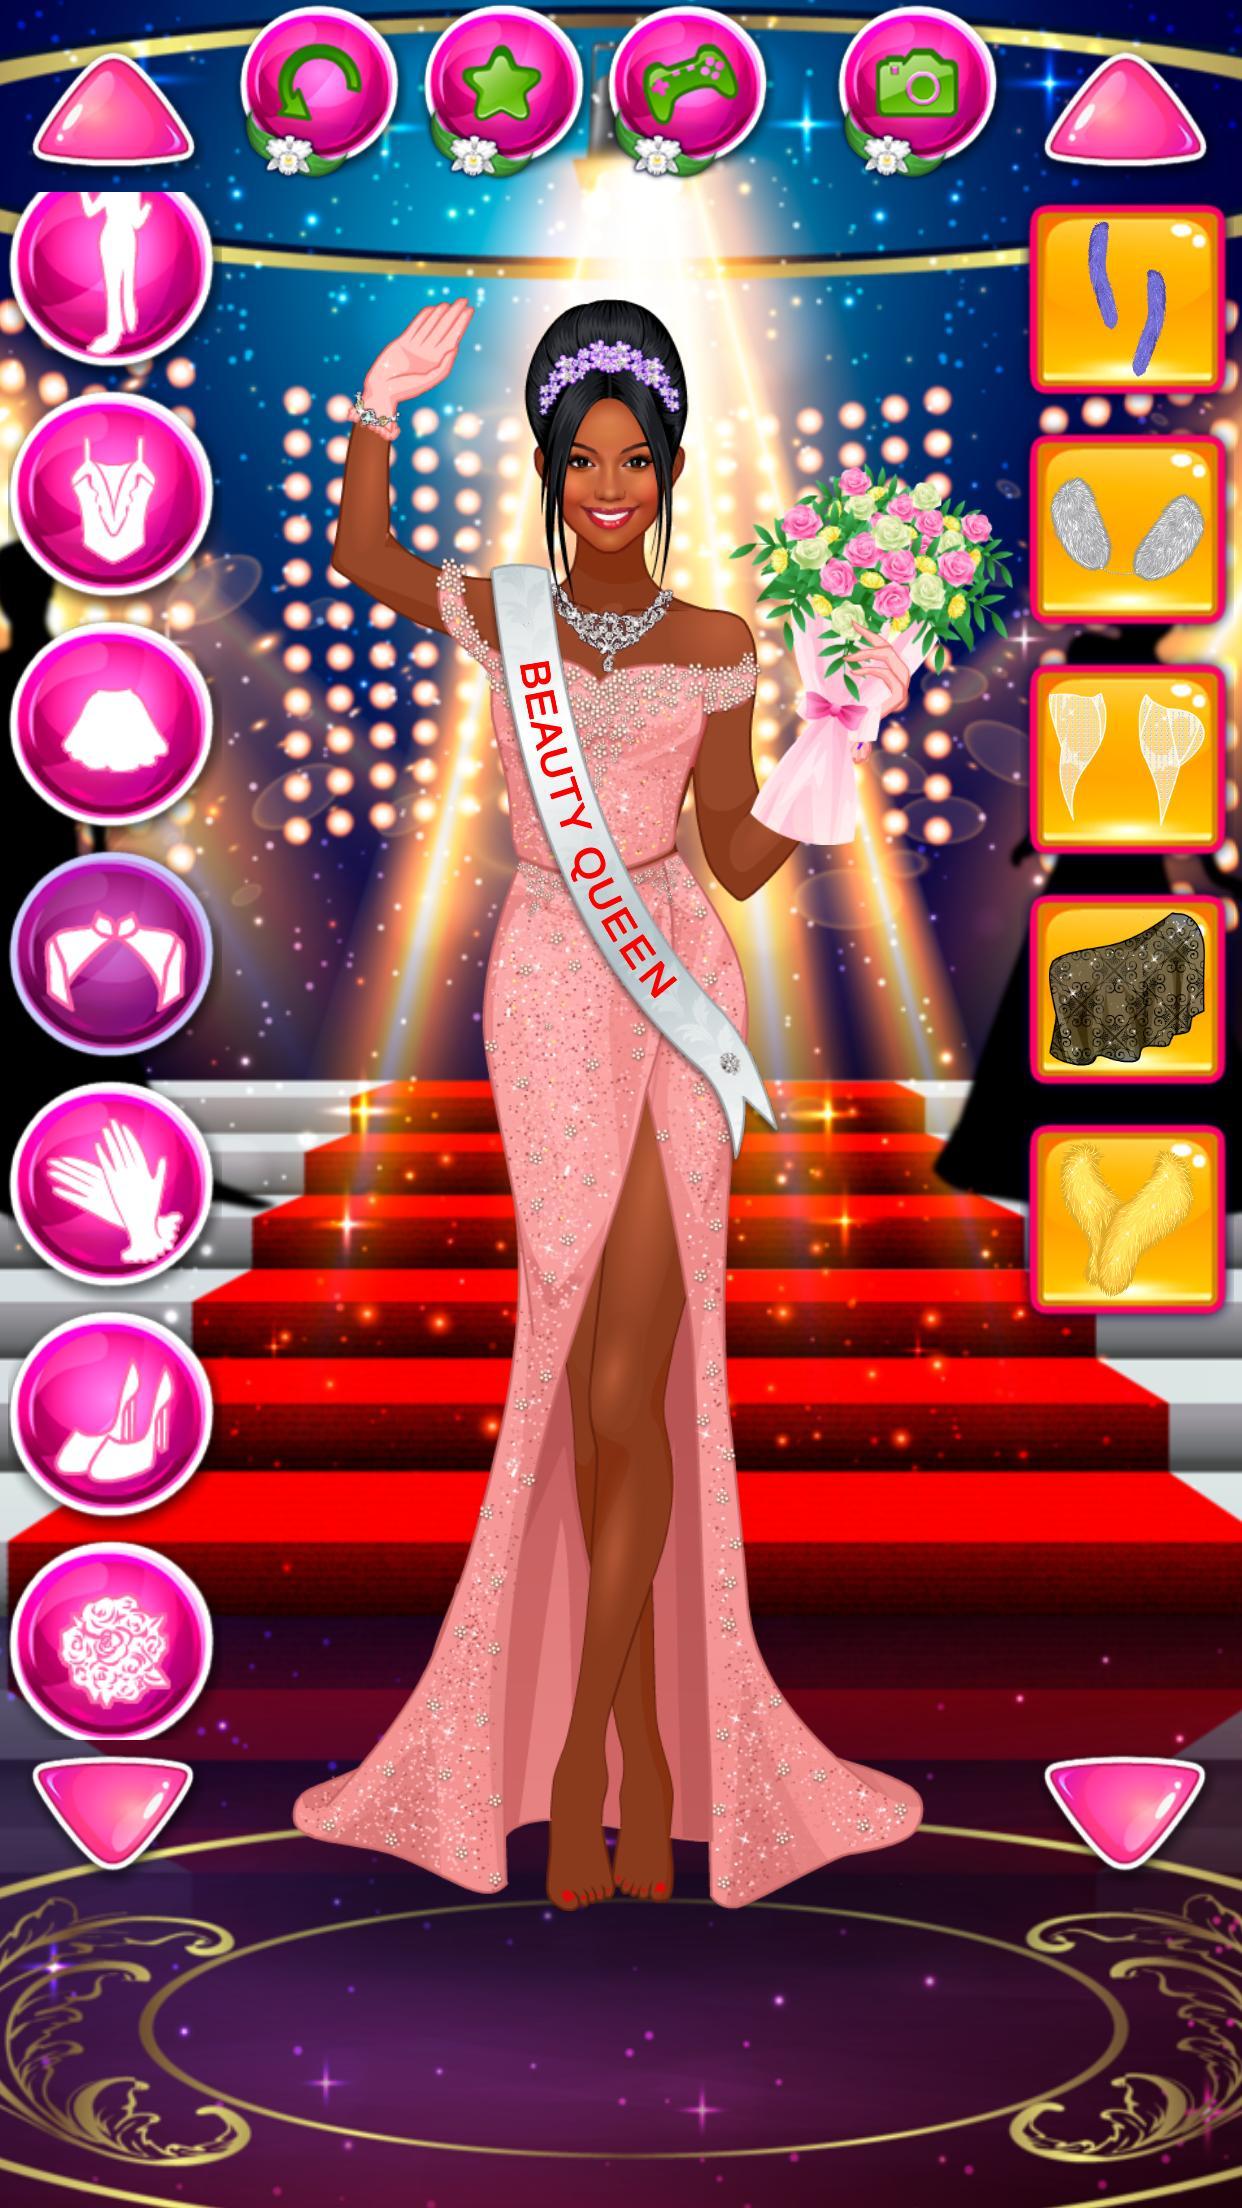 Juego De Vestir Reina De Belleza Moda Femenina For Android